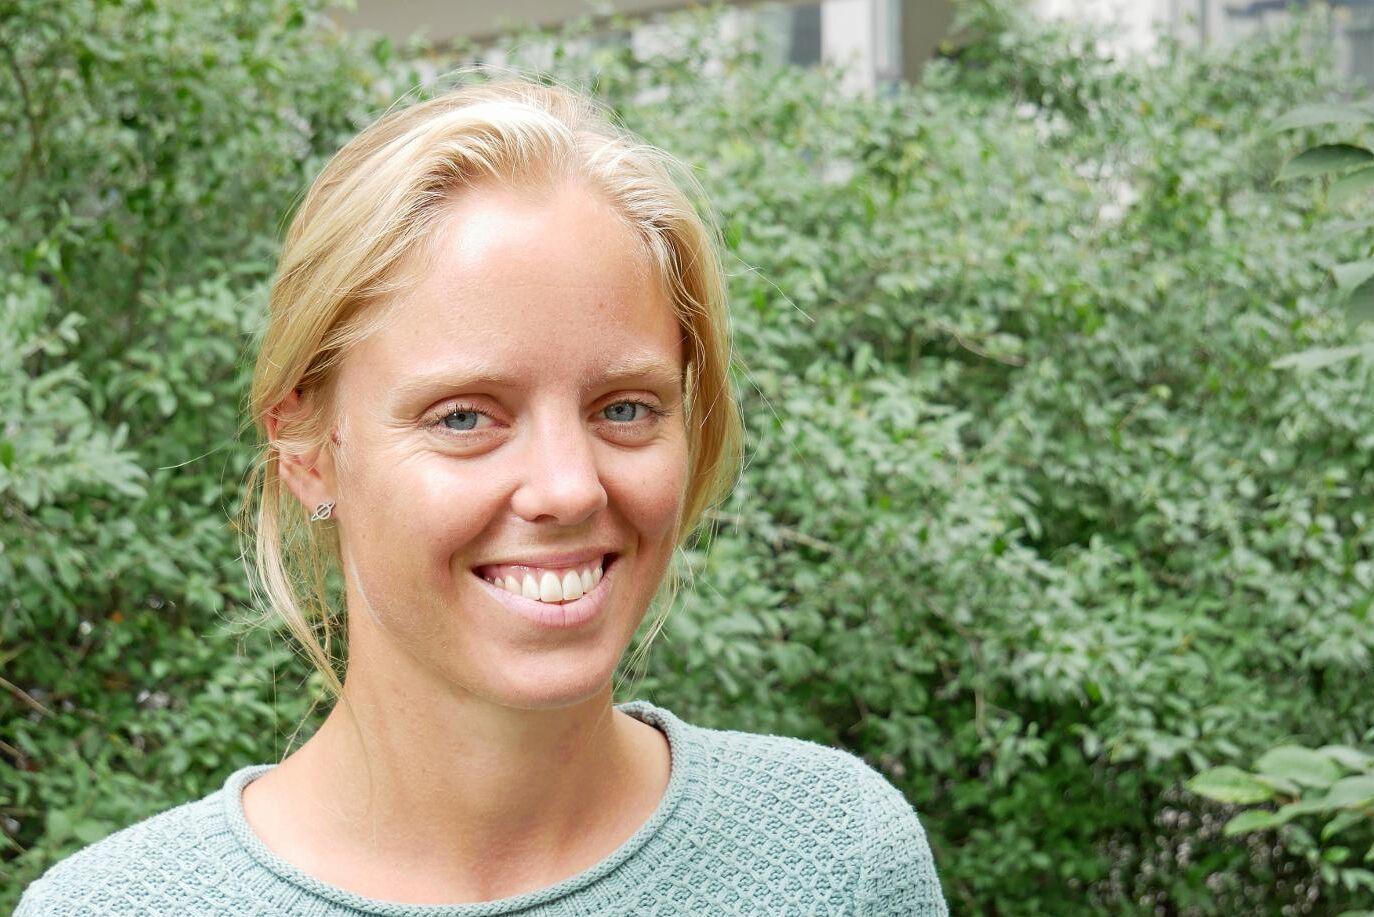 Nu känner vi oss redo för att öppna upp tjänsten för registrering i hela Sverige, säger Felicia Bindekrans, marknadsansvarig på Skira.